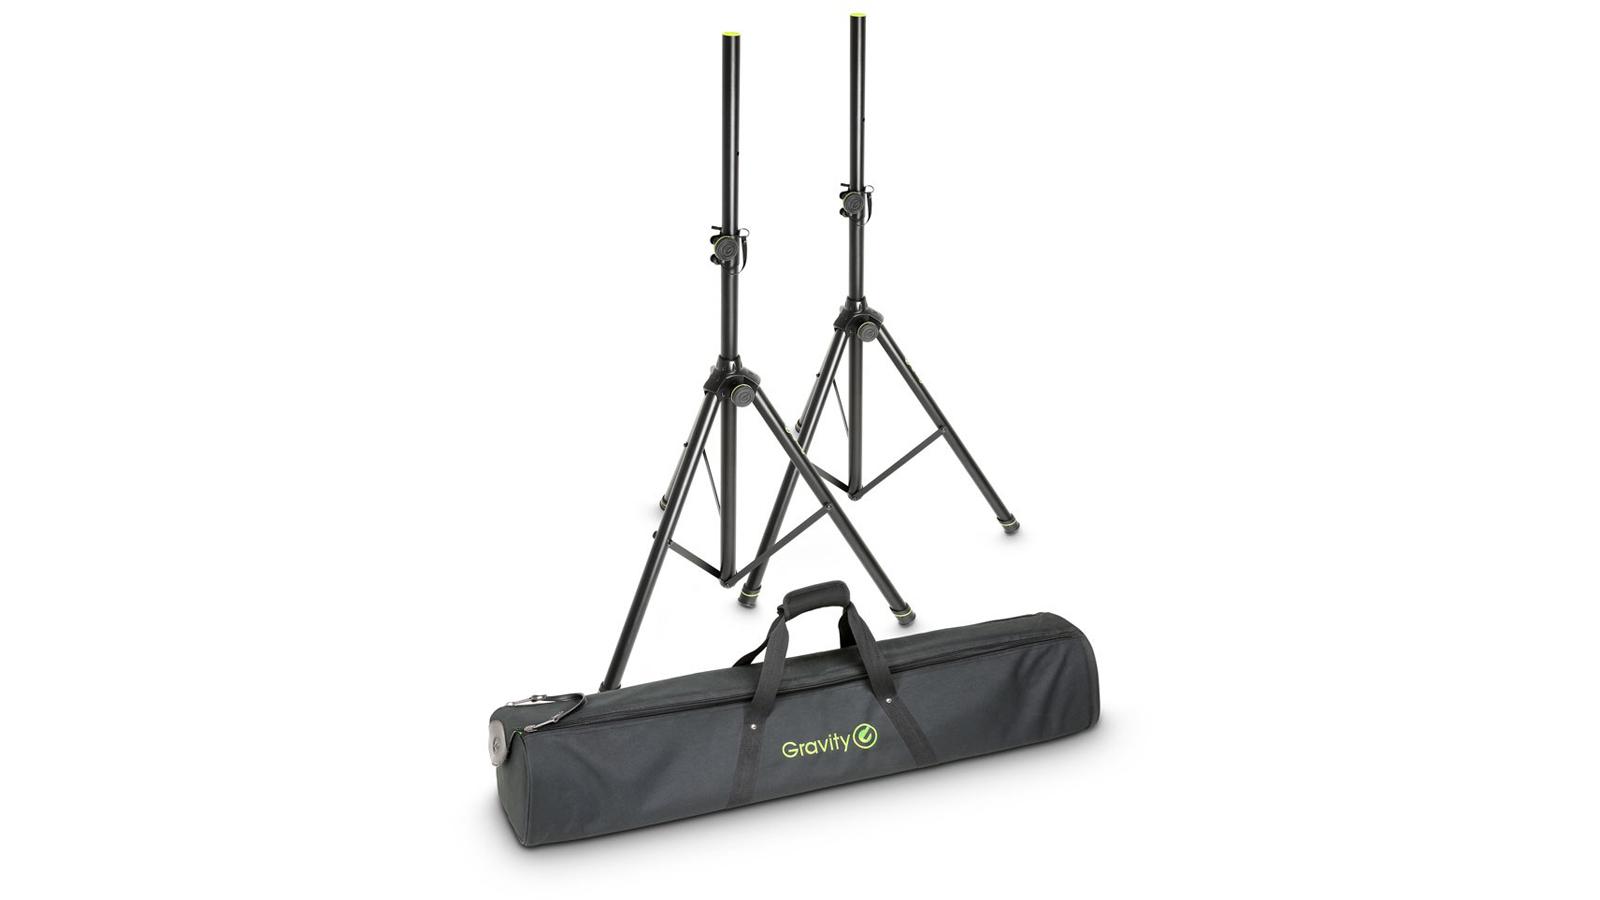 Gravity SS 5211 B Set - 2 Boxenständer mit Tasche